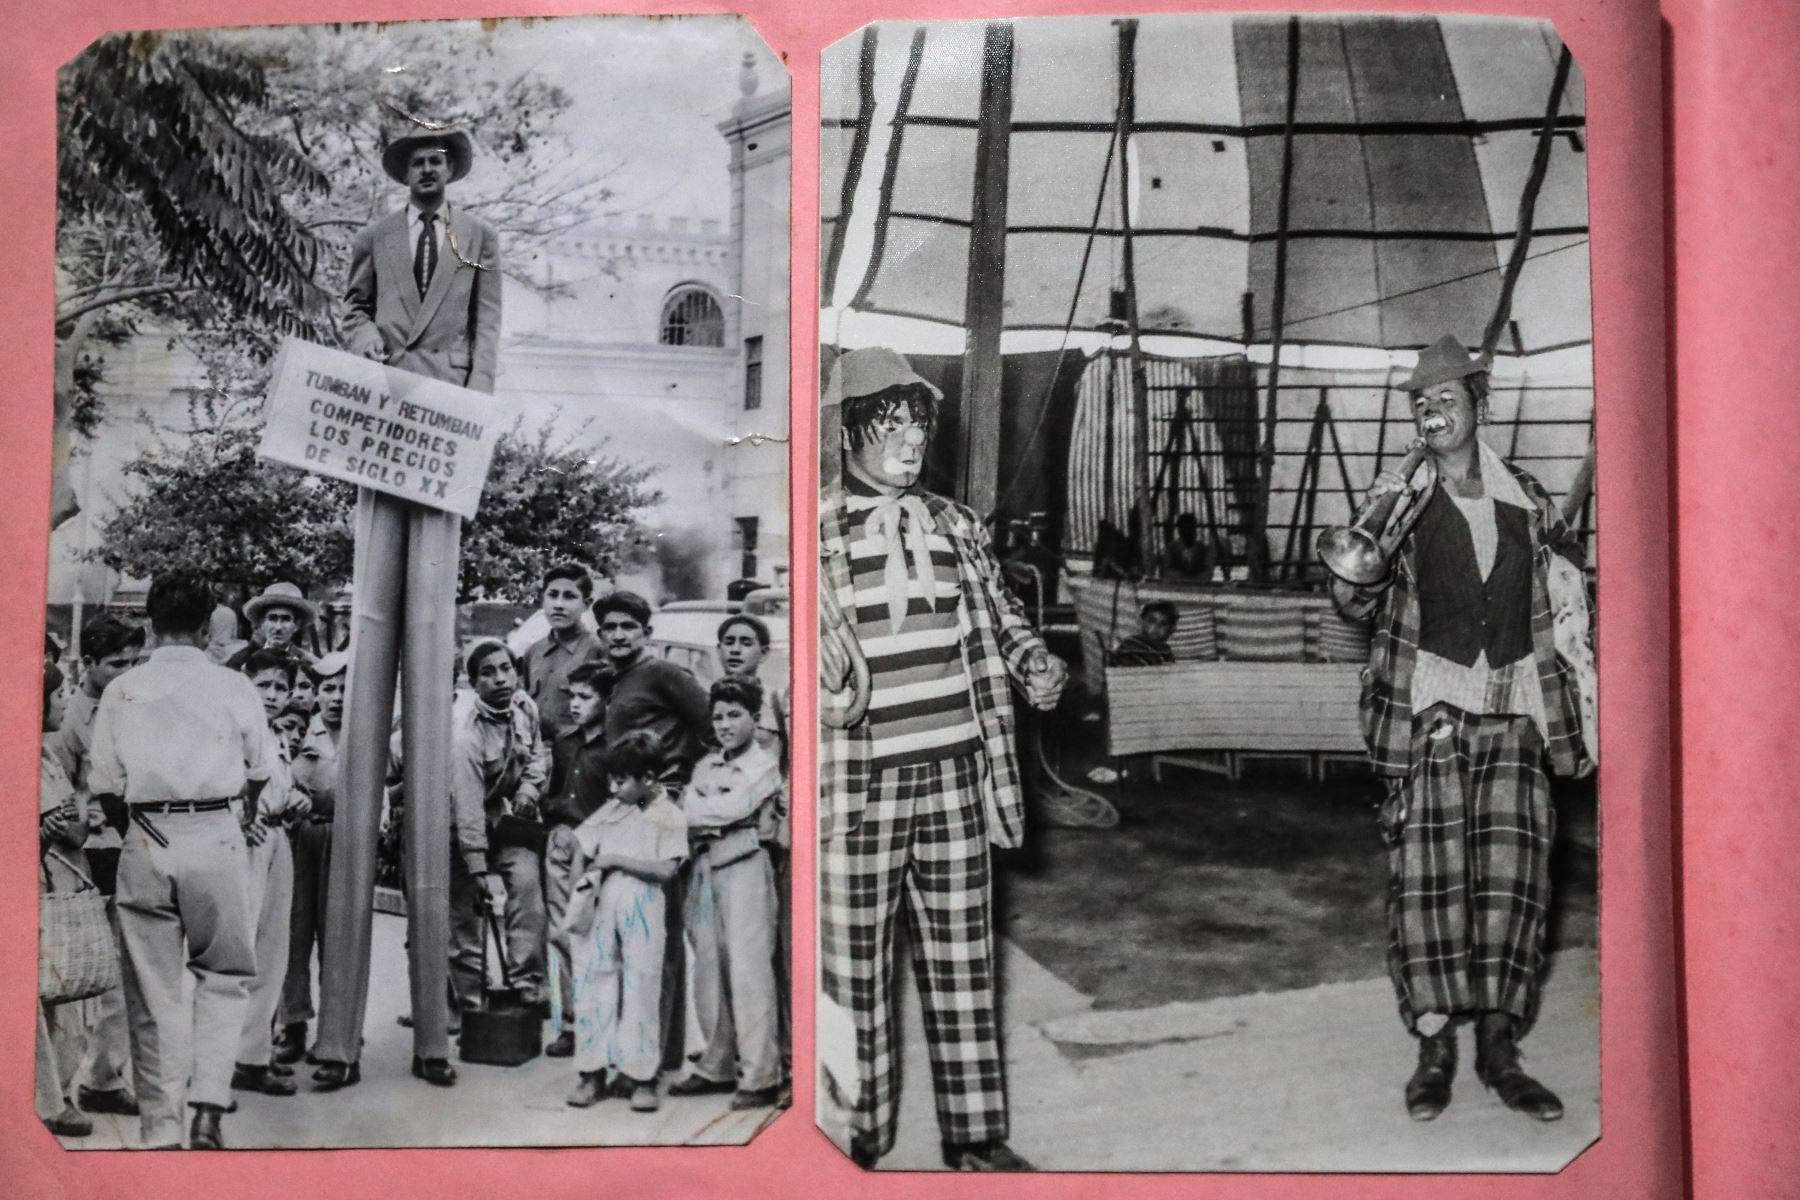 """Recuerdo tantas cosas en esta vida de circo, me han contratado circos chicos y medianos. También un gran circo, eran chilenos y otro gran circo para fiestas patrias. Mi circo se llamaba el """"Circo Farfán"""", después cuando ya vinieron mis hijos lo llamamos Hermanos Farfán. Foto: ANDINA/Carlos Lezama"""